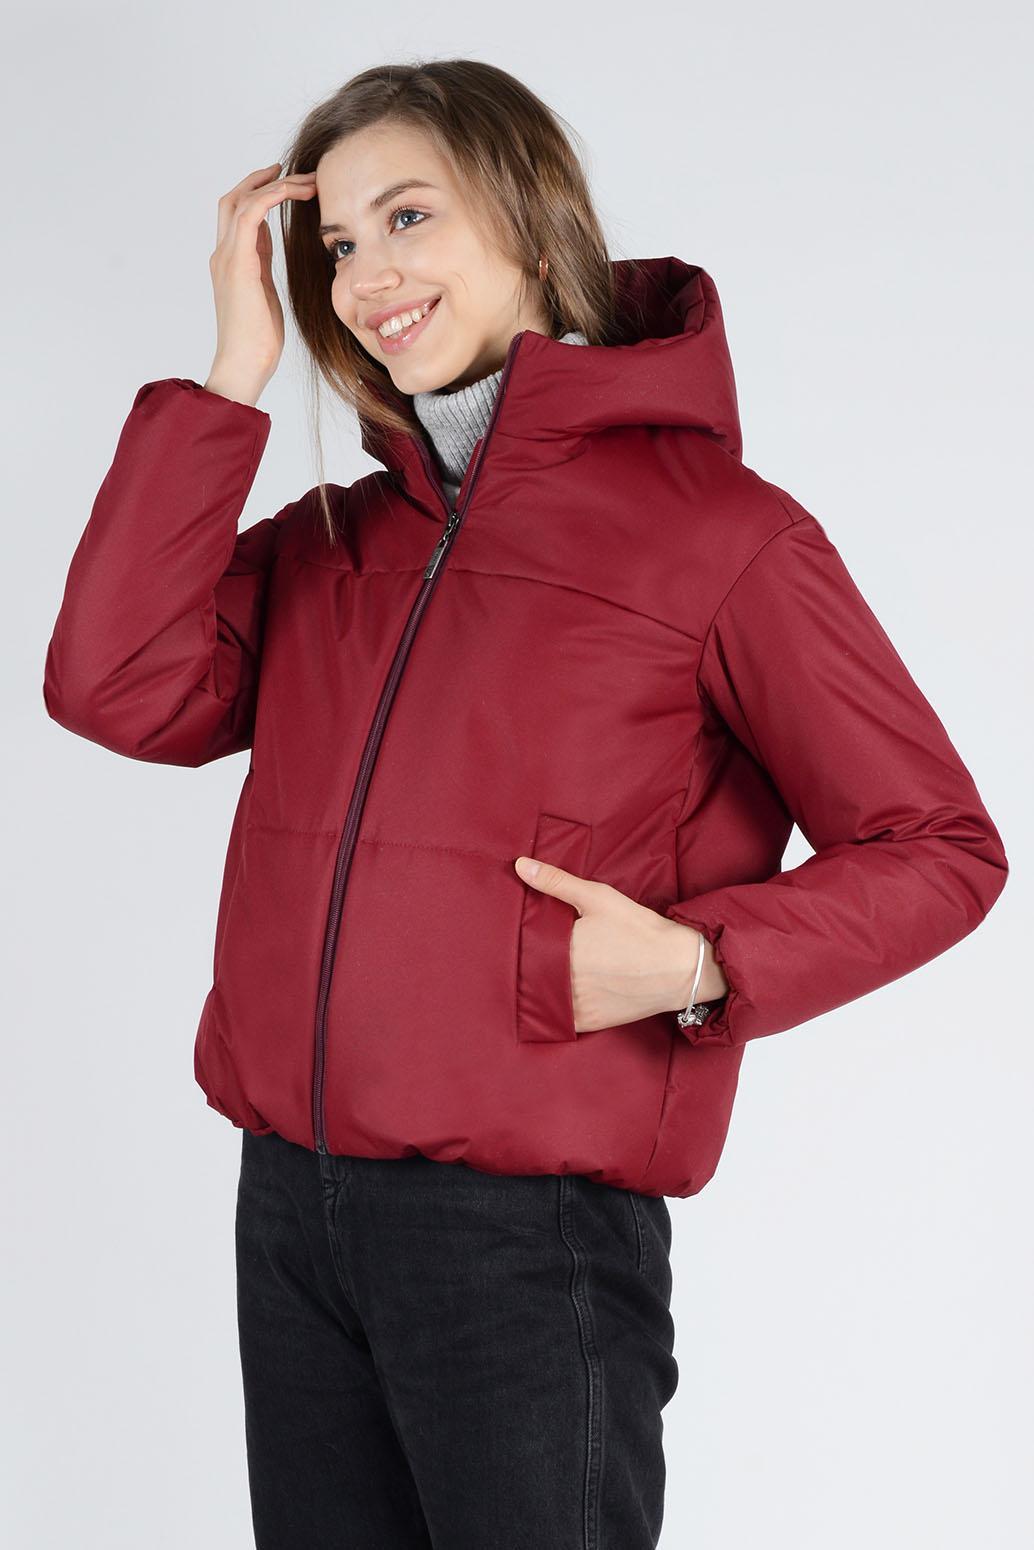 Куртка женская 13658 бордо